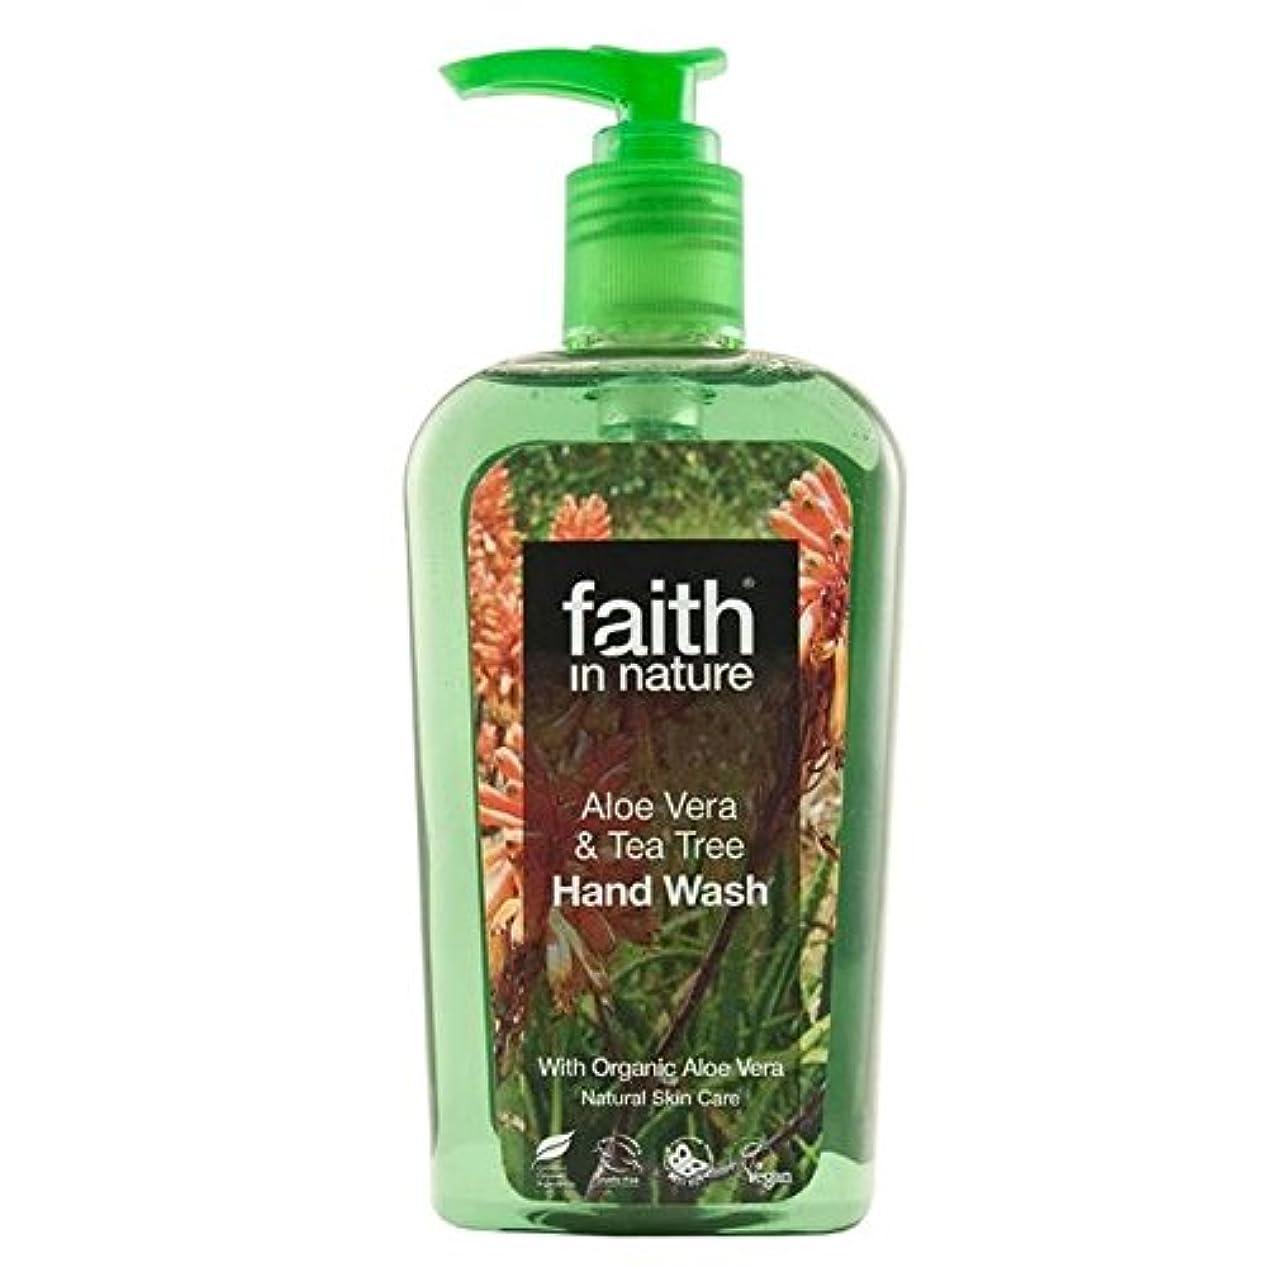 ウィンクネックレスつまずくFaith in Nature Aloe Vera & Tea Tree Handwash 300ml (Pack of 4) - (Faith In Nature) 自然のアロエベラ&ティーツリー手洗いの300ミリリットル...